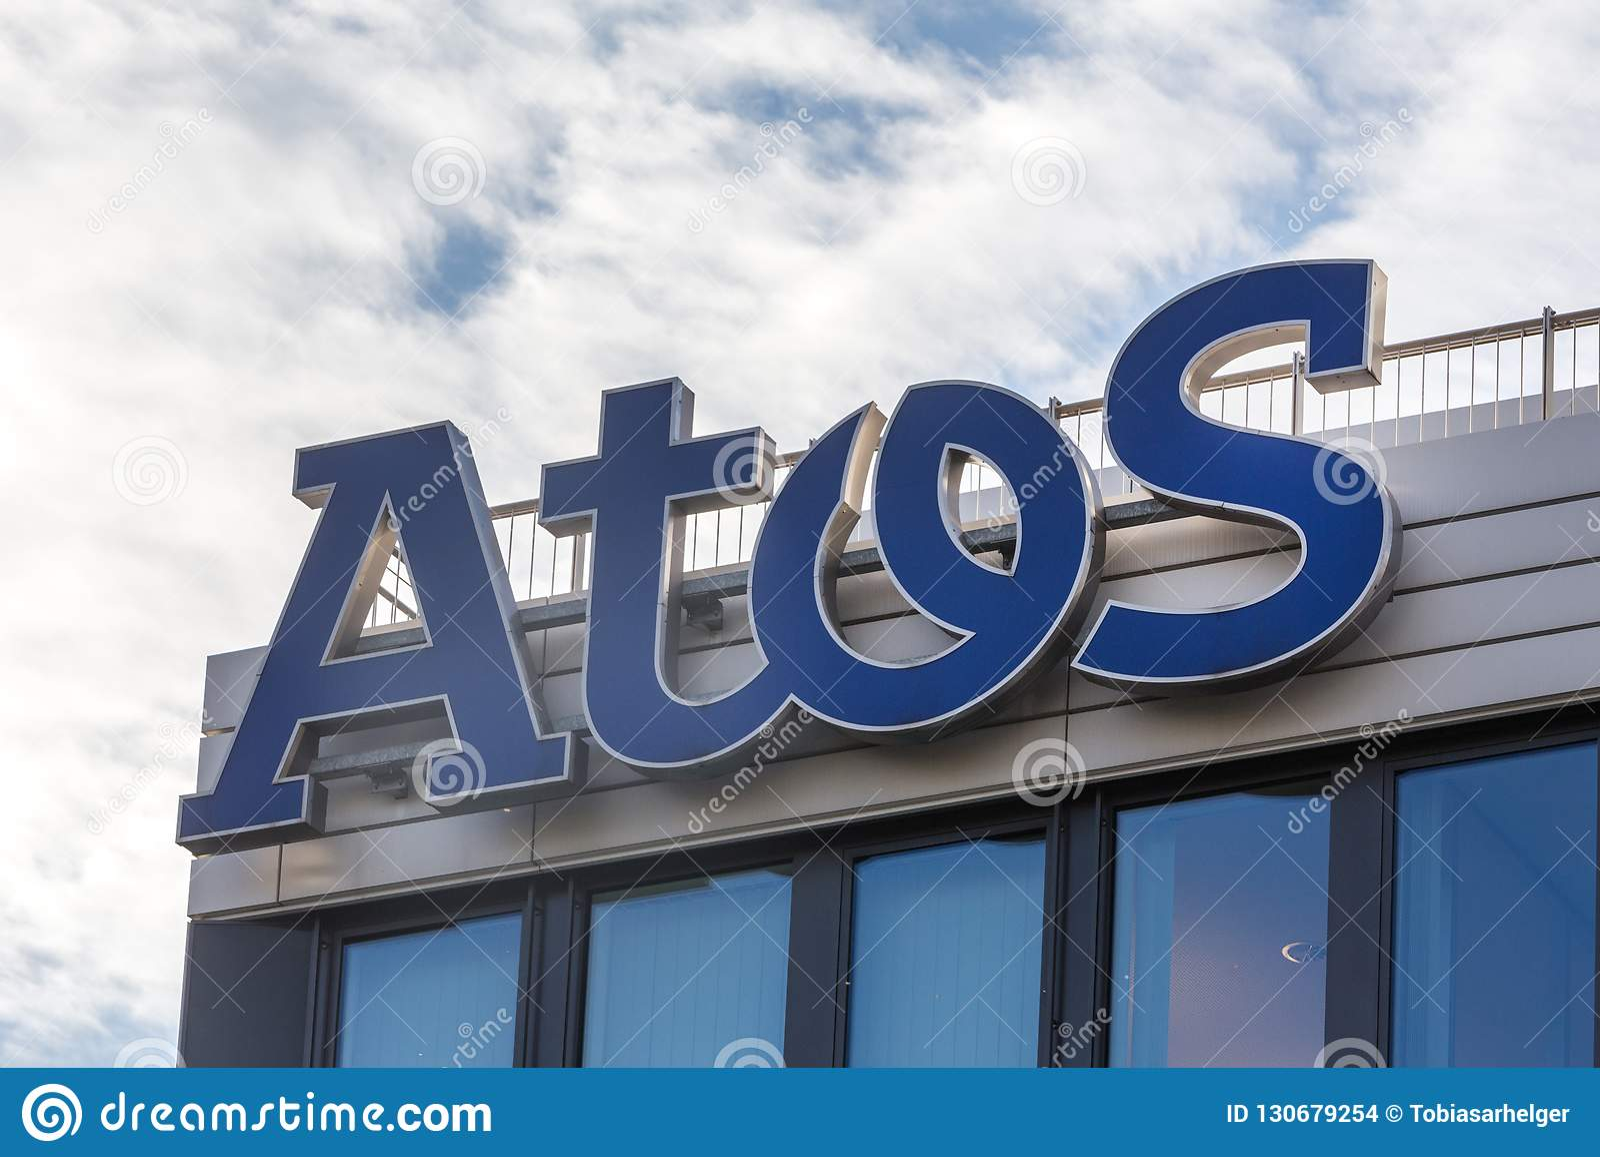 Essen, Rin-Westfalia del norte/Alemania - 02 11 18: los atos firman en un edificio en Essen Alemania